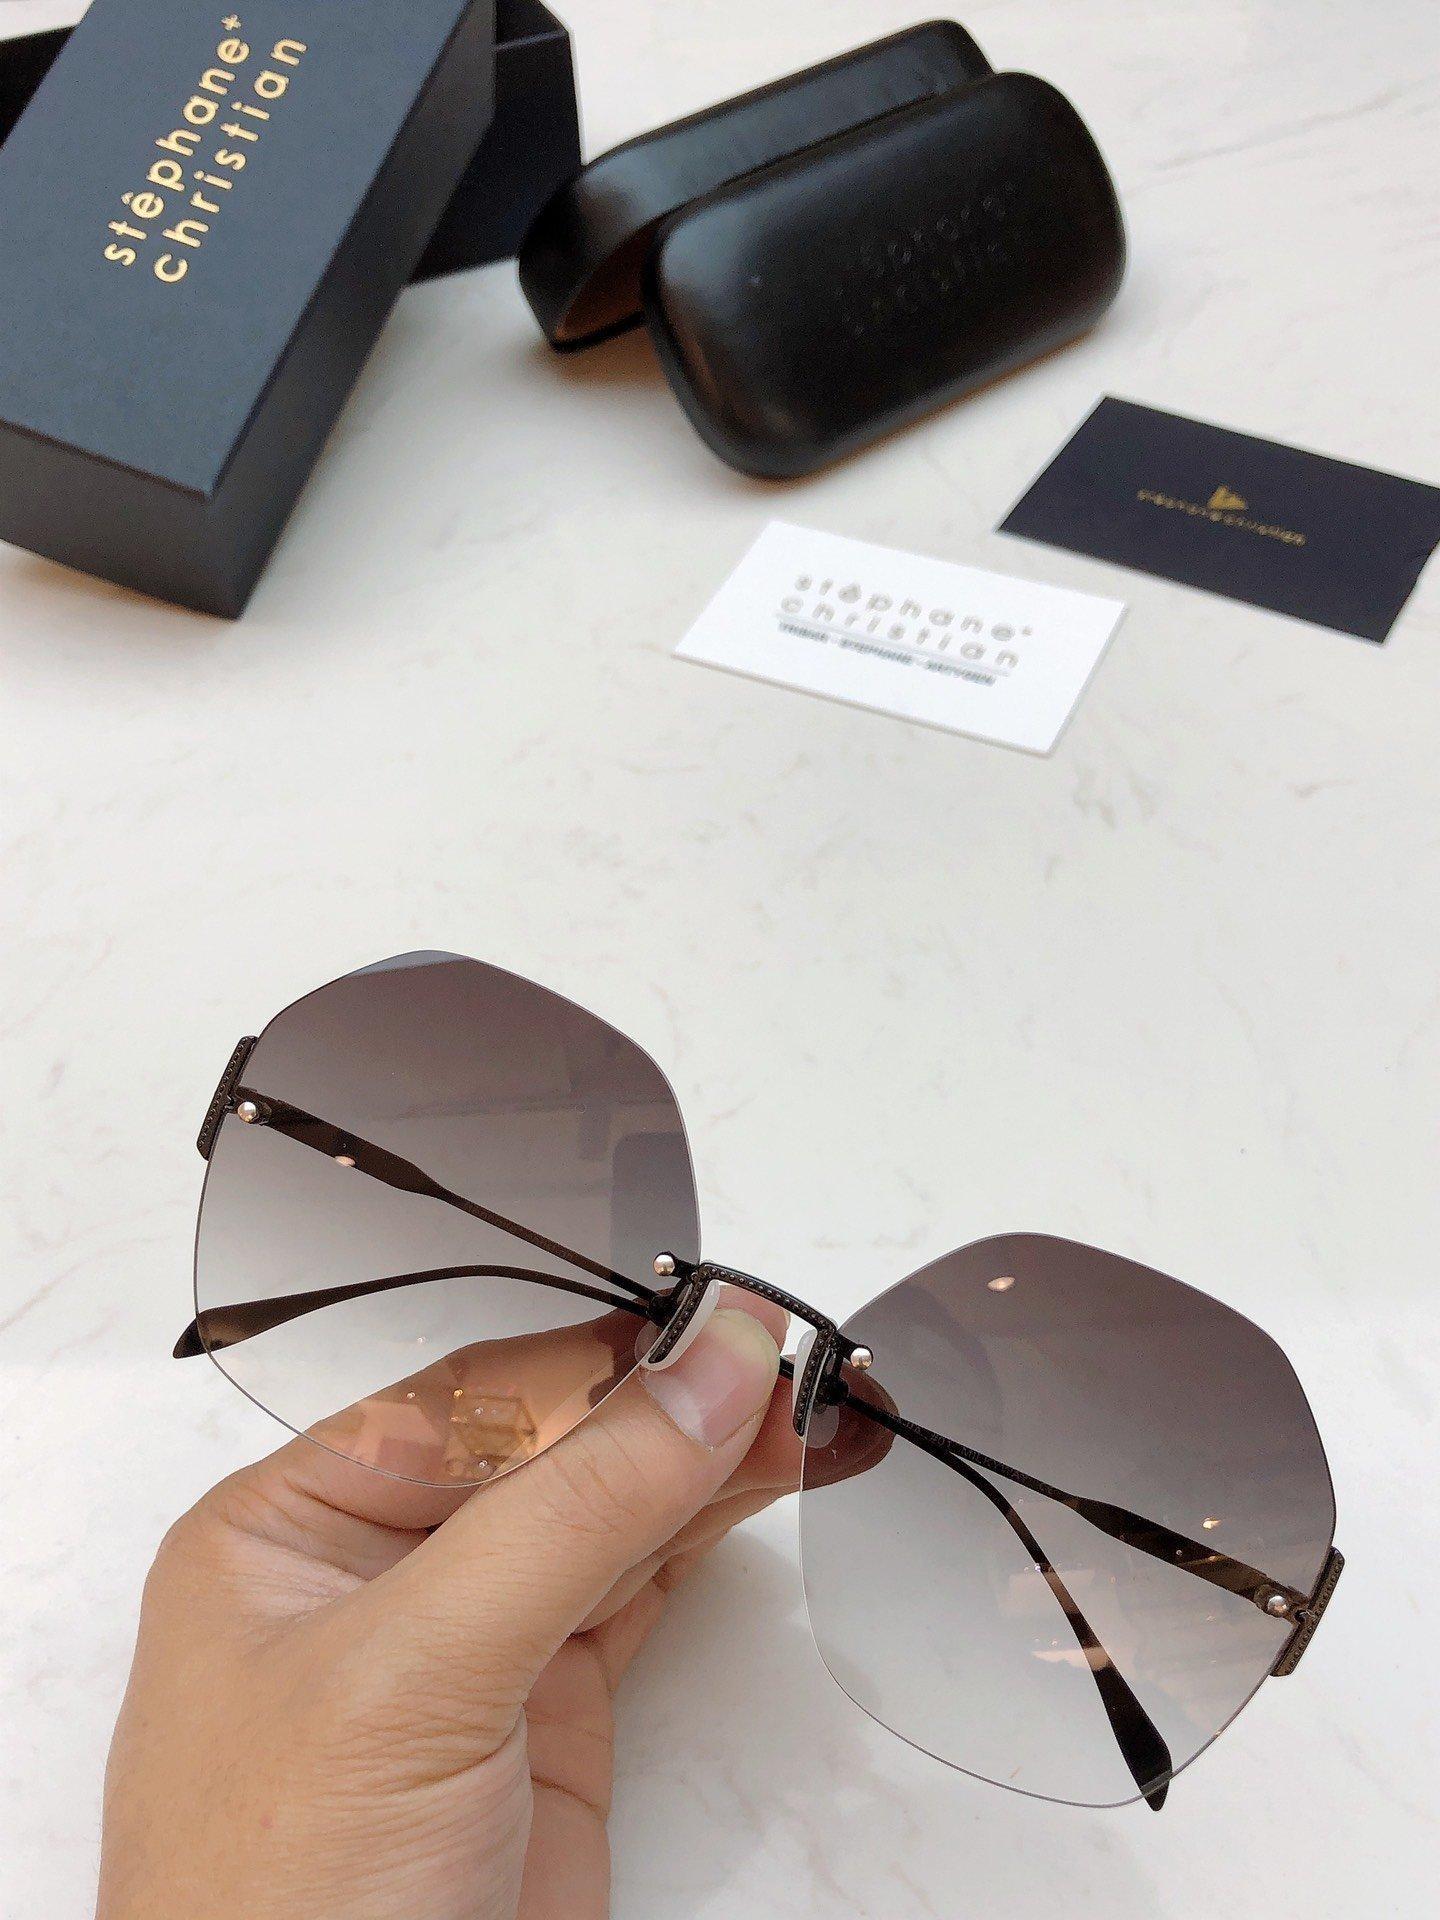 la manera del verano de las mujeres gafas de sol de marco redondo grande marco es un estilo muy de moda gafas de sol, casual y la moda sin marco